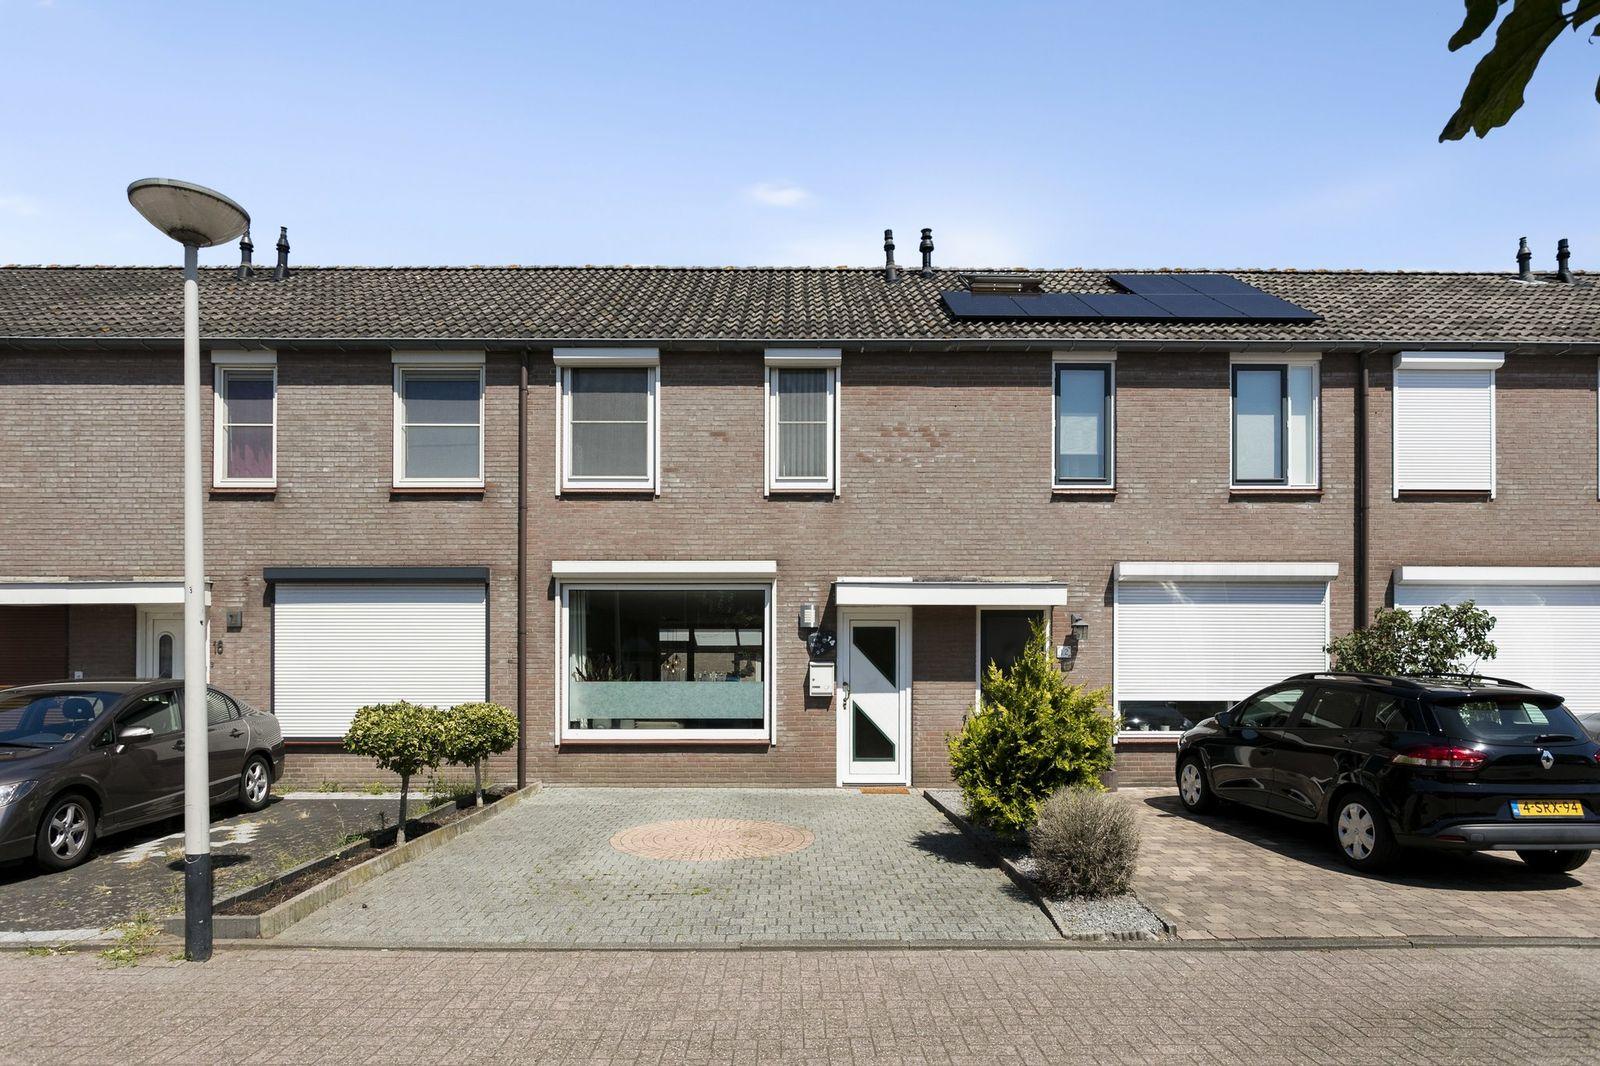 Drakenberg 14, Roosendaal